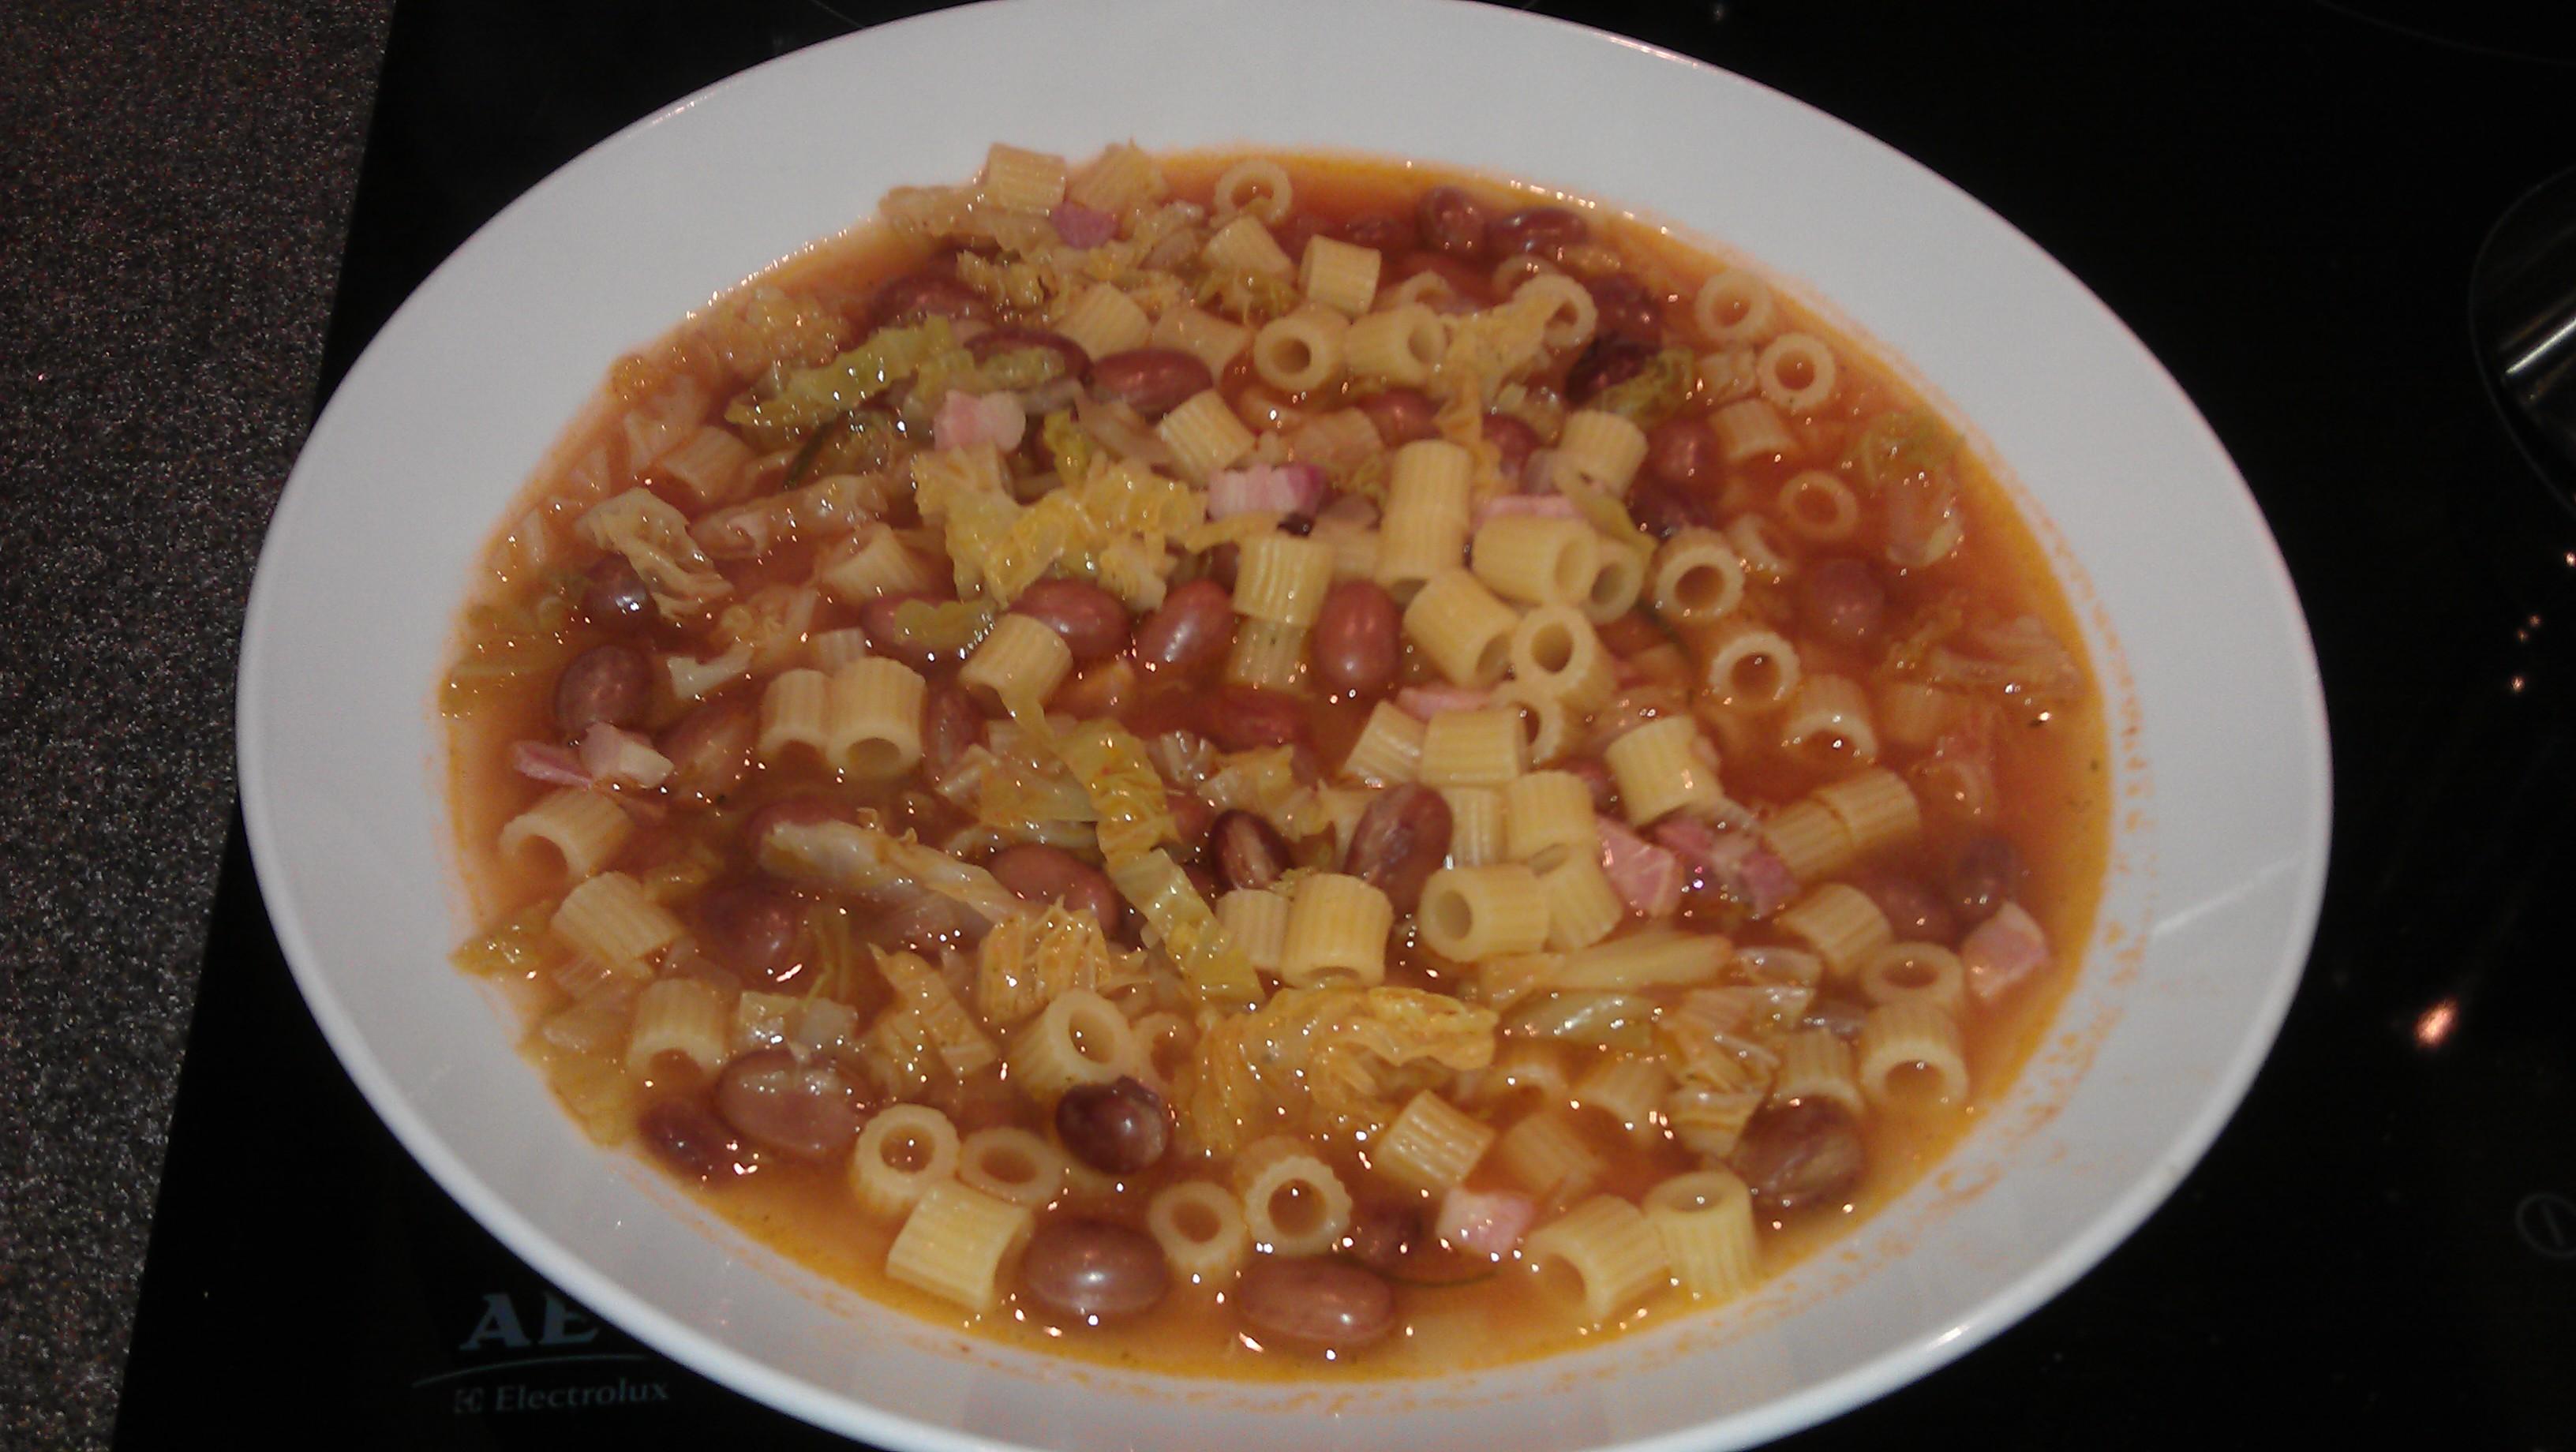 ... for pasta e fagioli recipe on food52 pasta e fagioli italy magazine